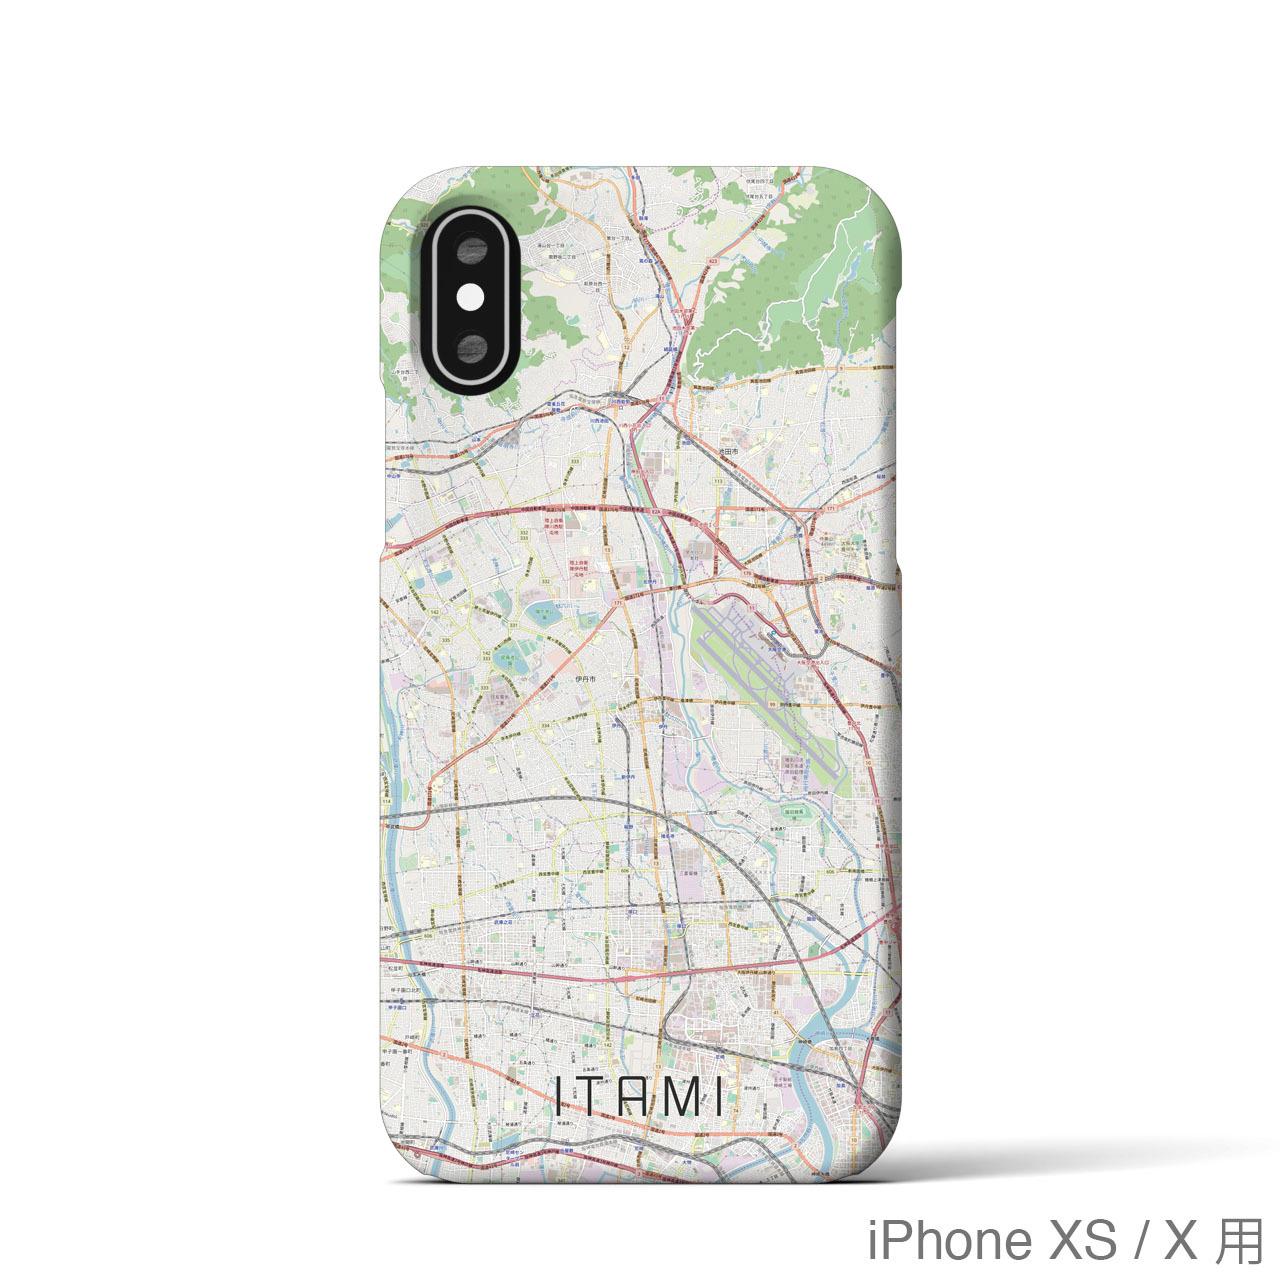 【伊丹】地図柄iPhoneケース(バックカバータイプ・ナチュラル)